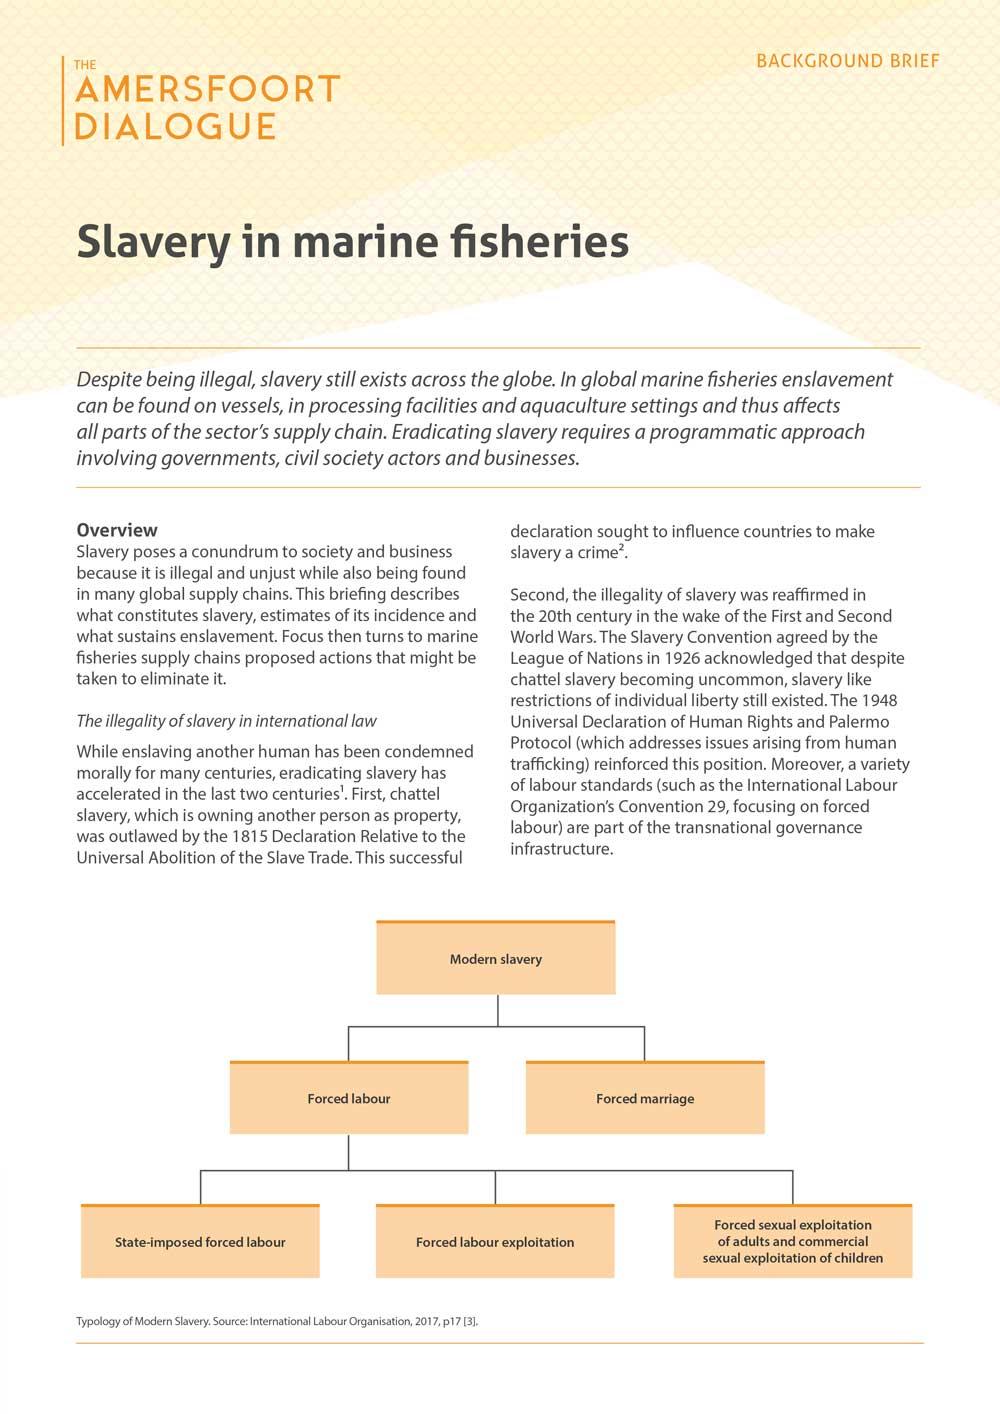 Slavery in marine fisheries